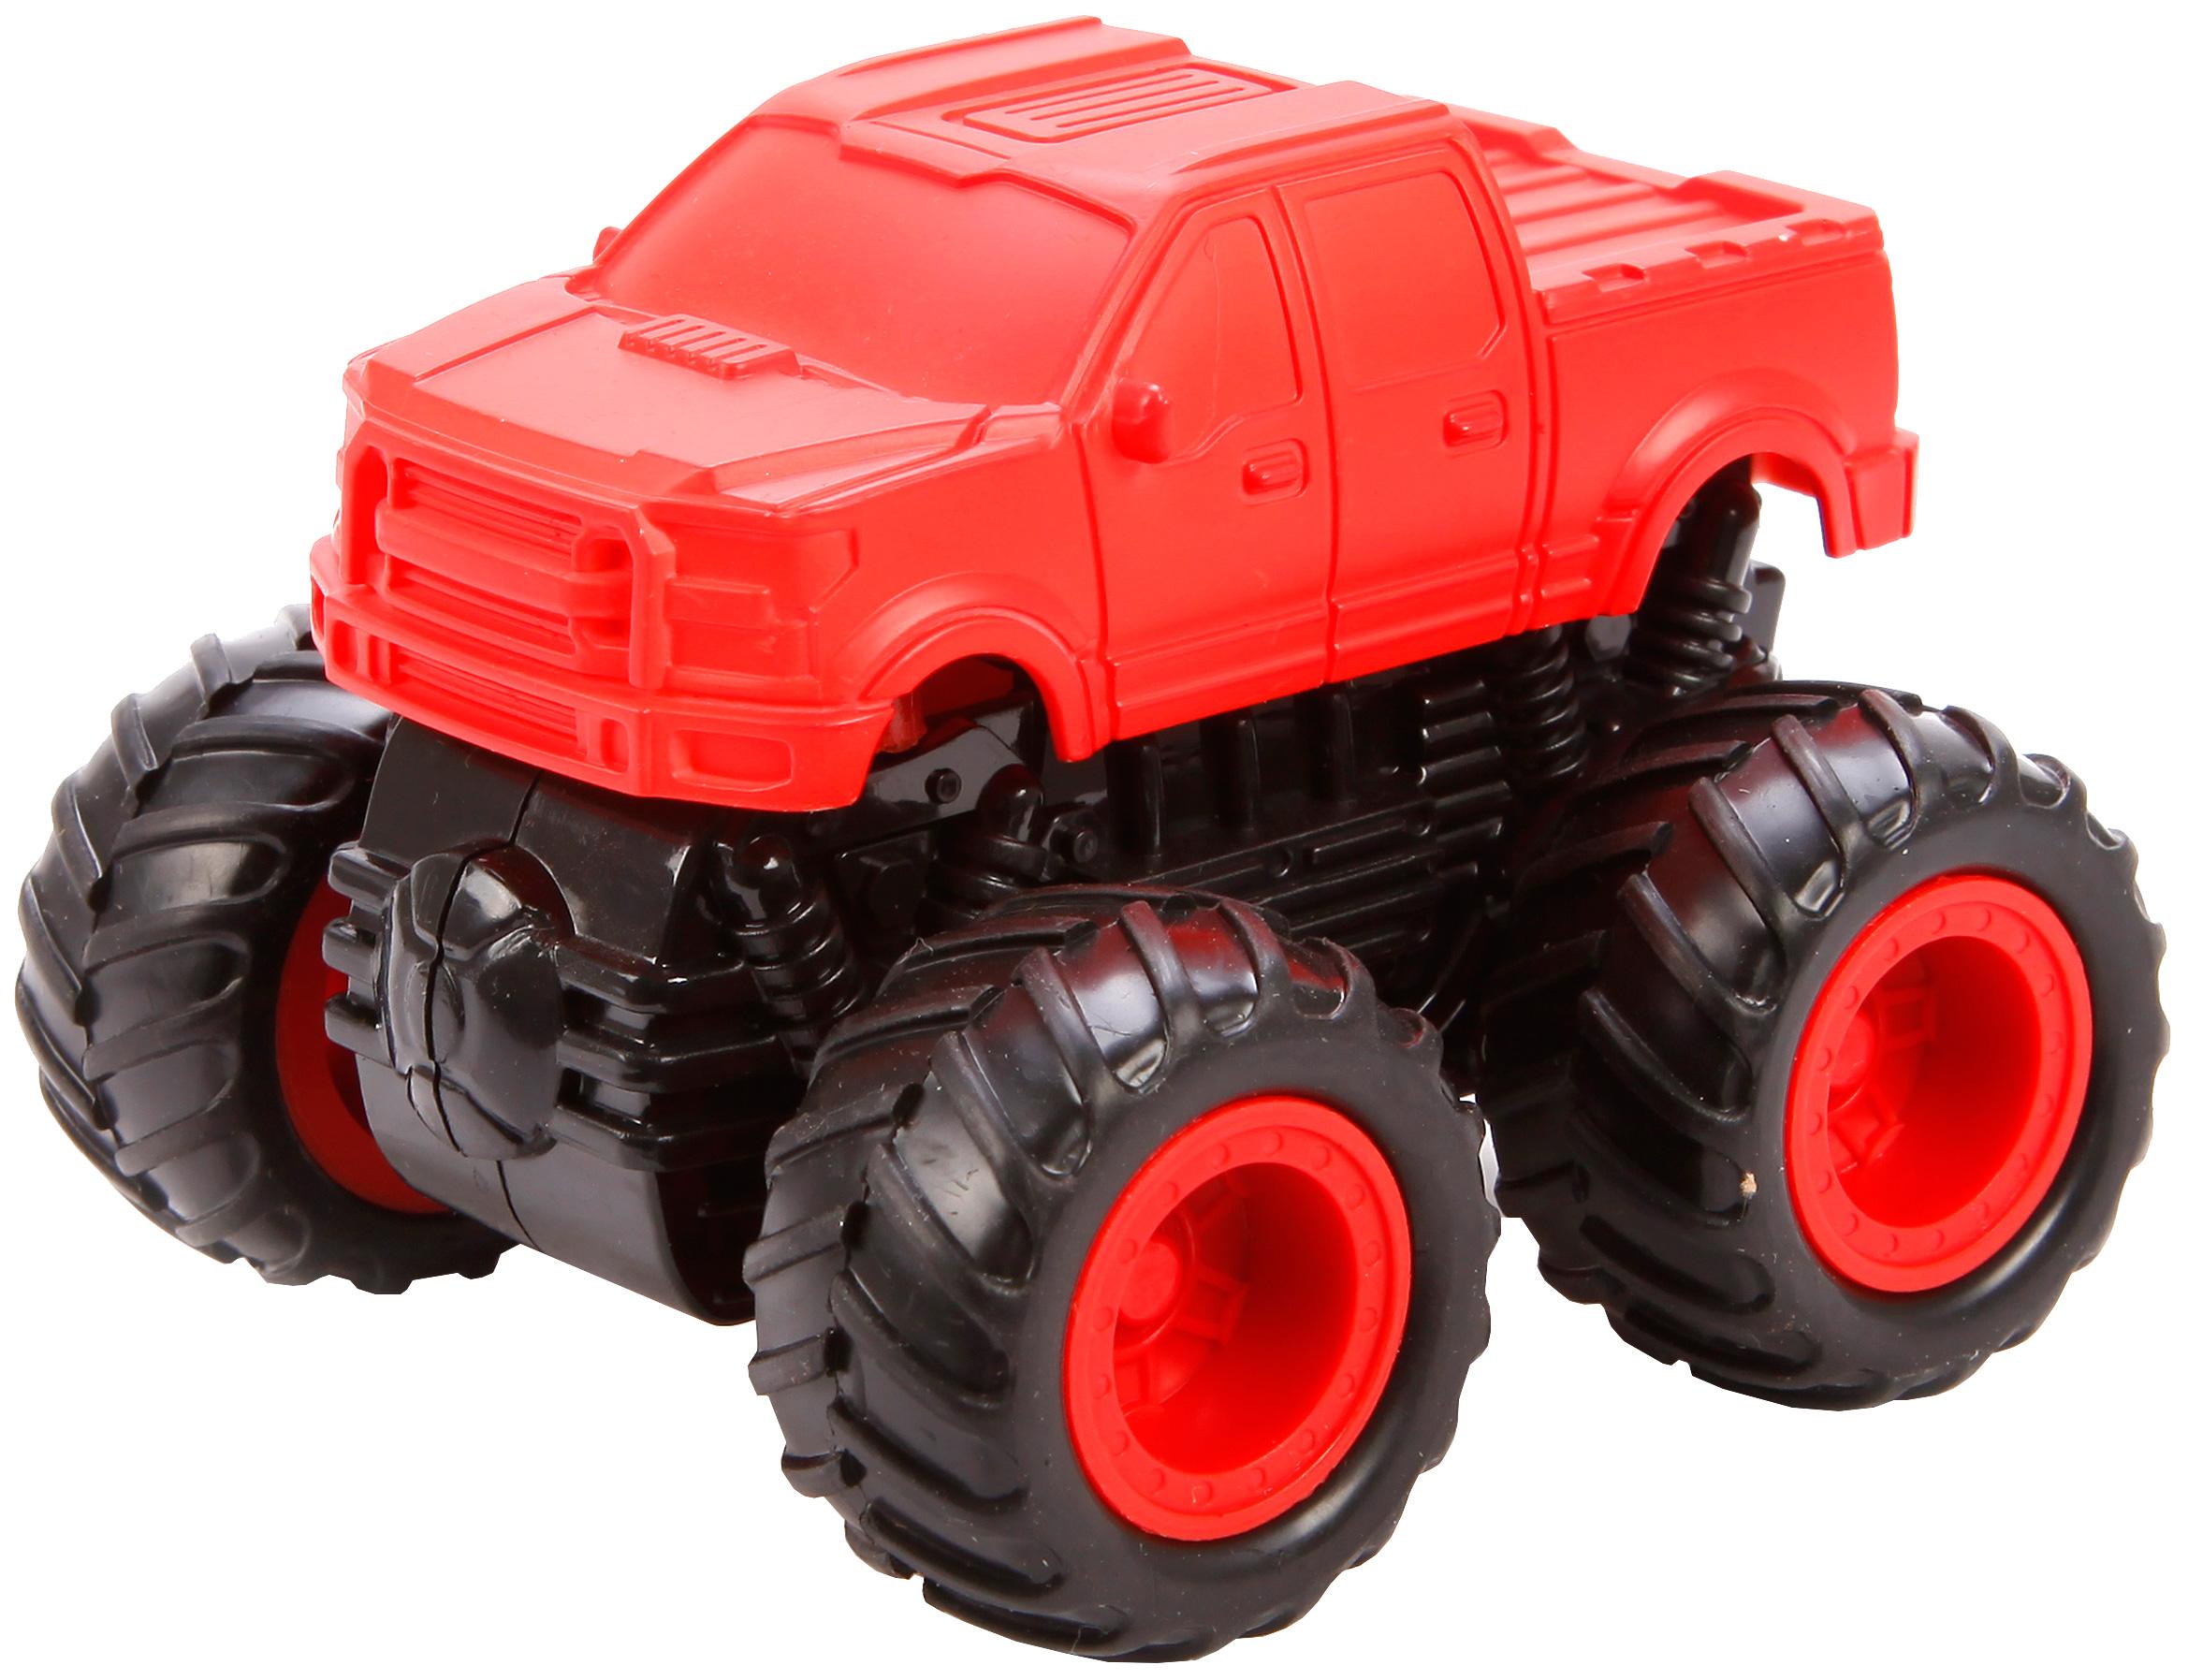 Купить Машина пласт. с 4-мя ведущими колёсами (4WD), серия NEON, син, / жёлт./ крас, Yako Toys, Игрушечные машинки